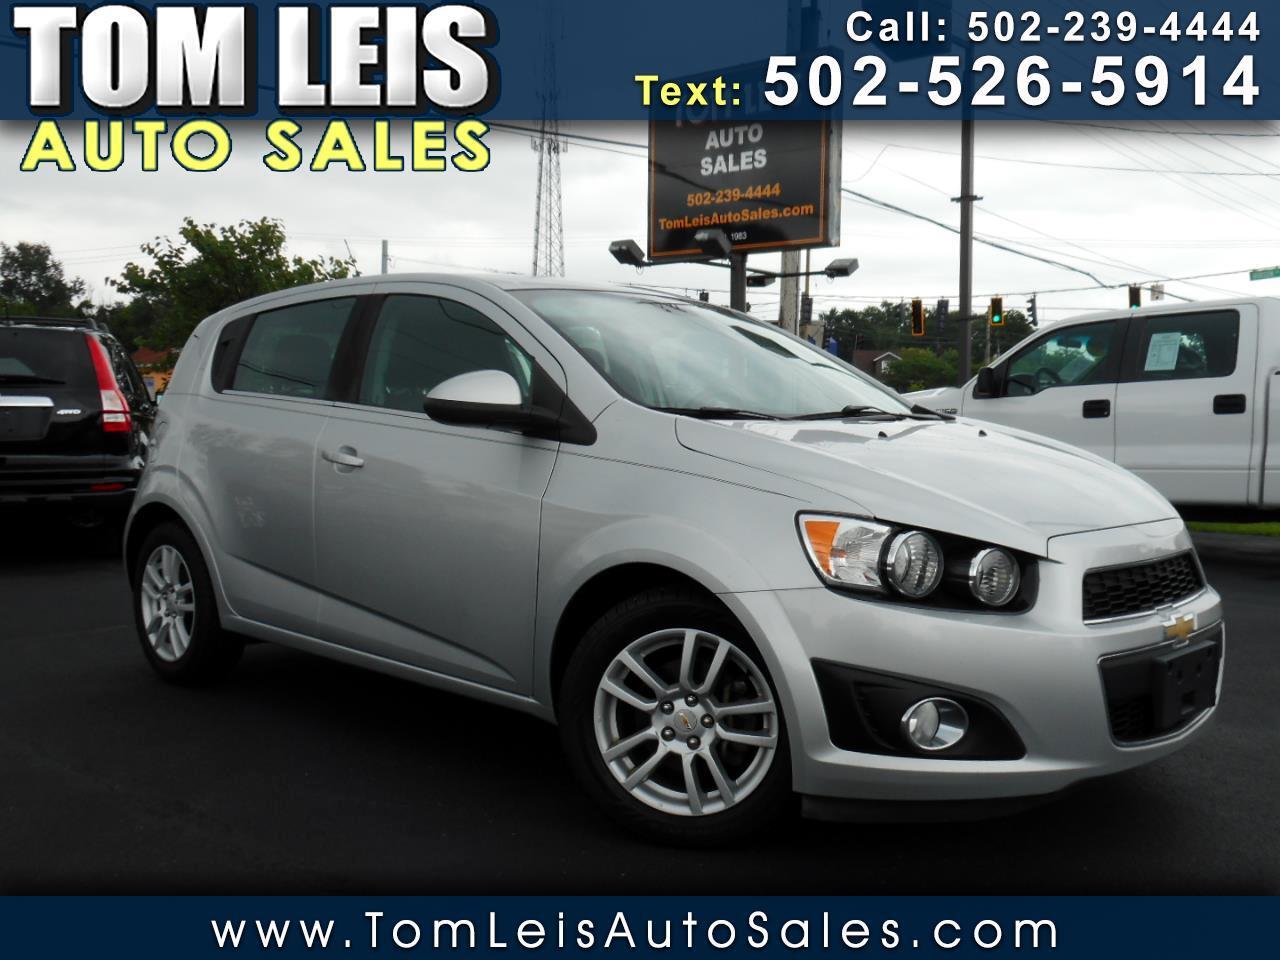 Chevrolet Sonic 5dr HB LT 2LT 2012